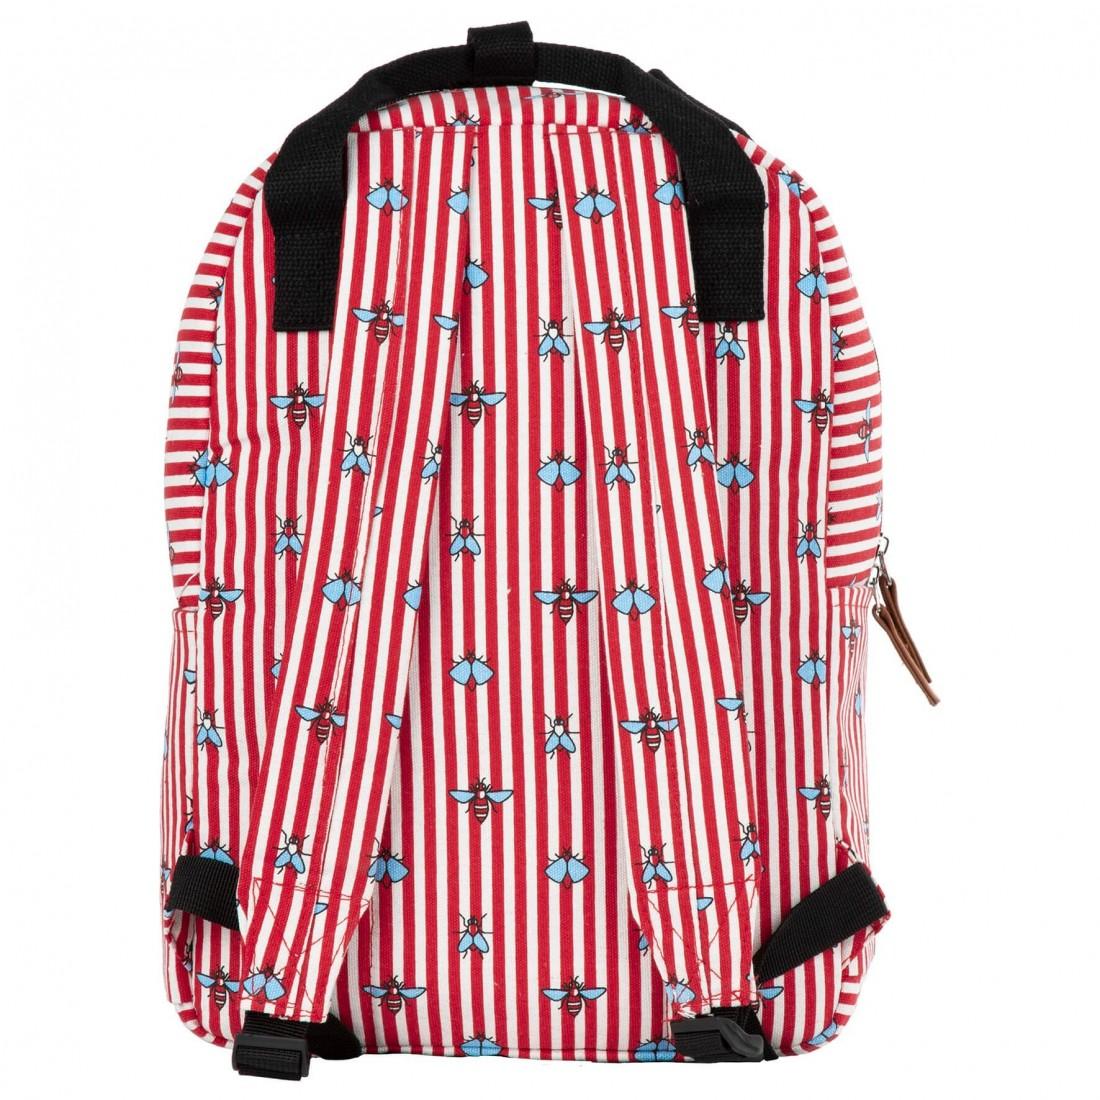 Plecak vintage dla dziewczyny BackUP w biało-czerwone paski i muchy - plecak-tornister.pl